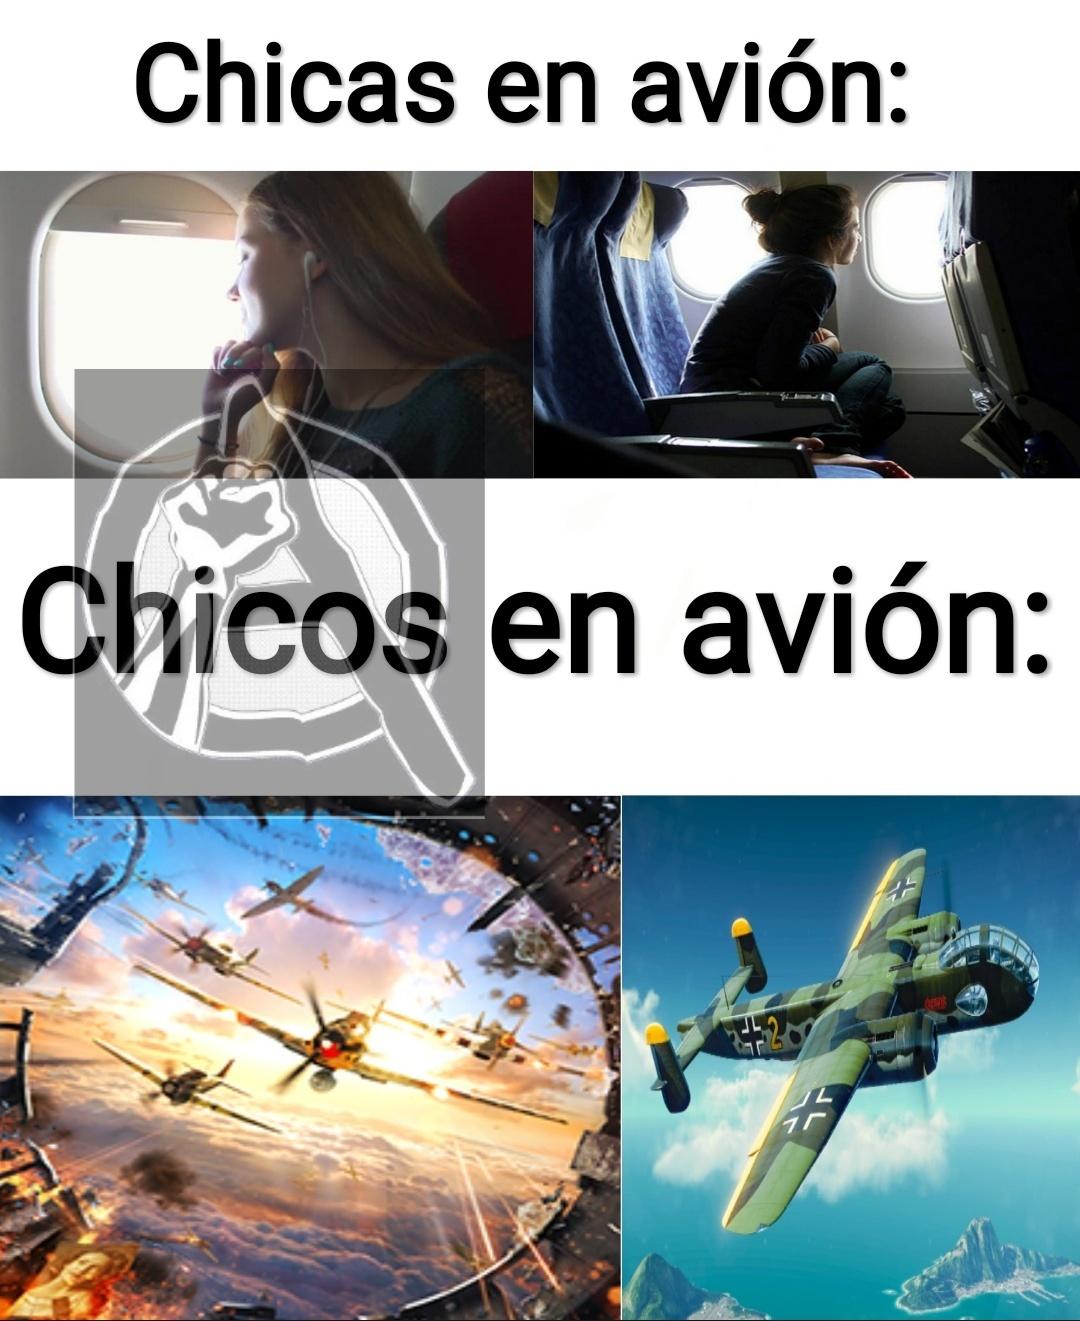 Avión - meme